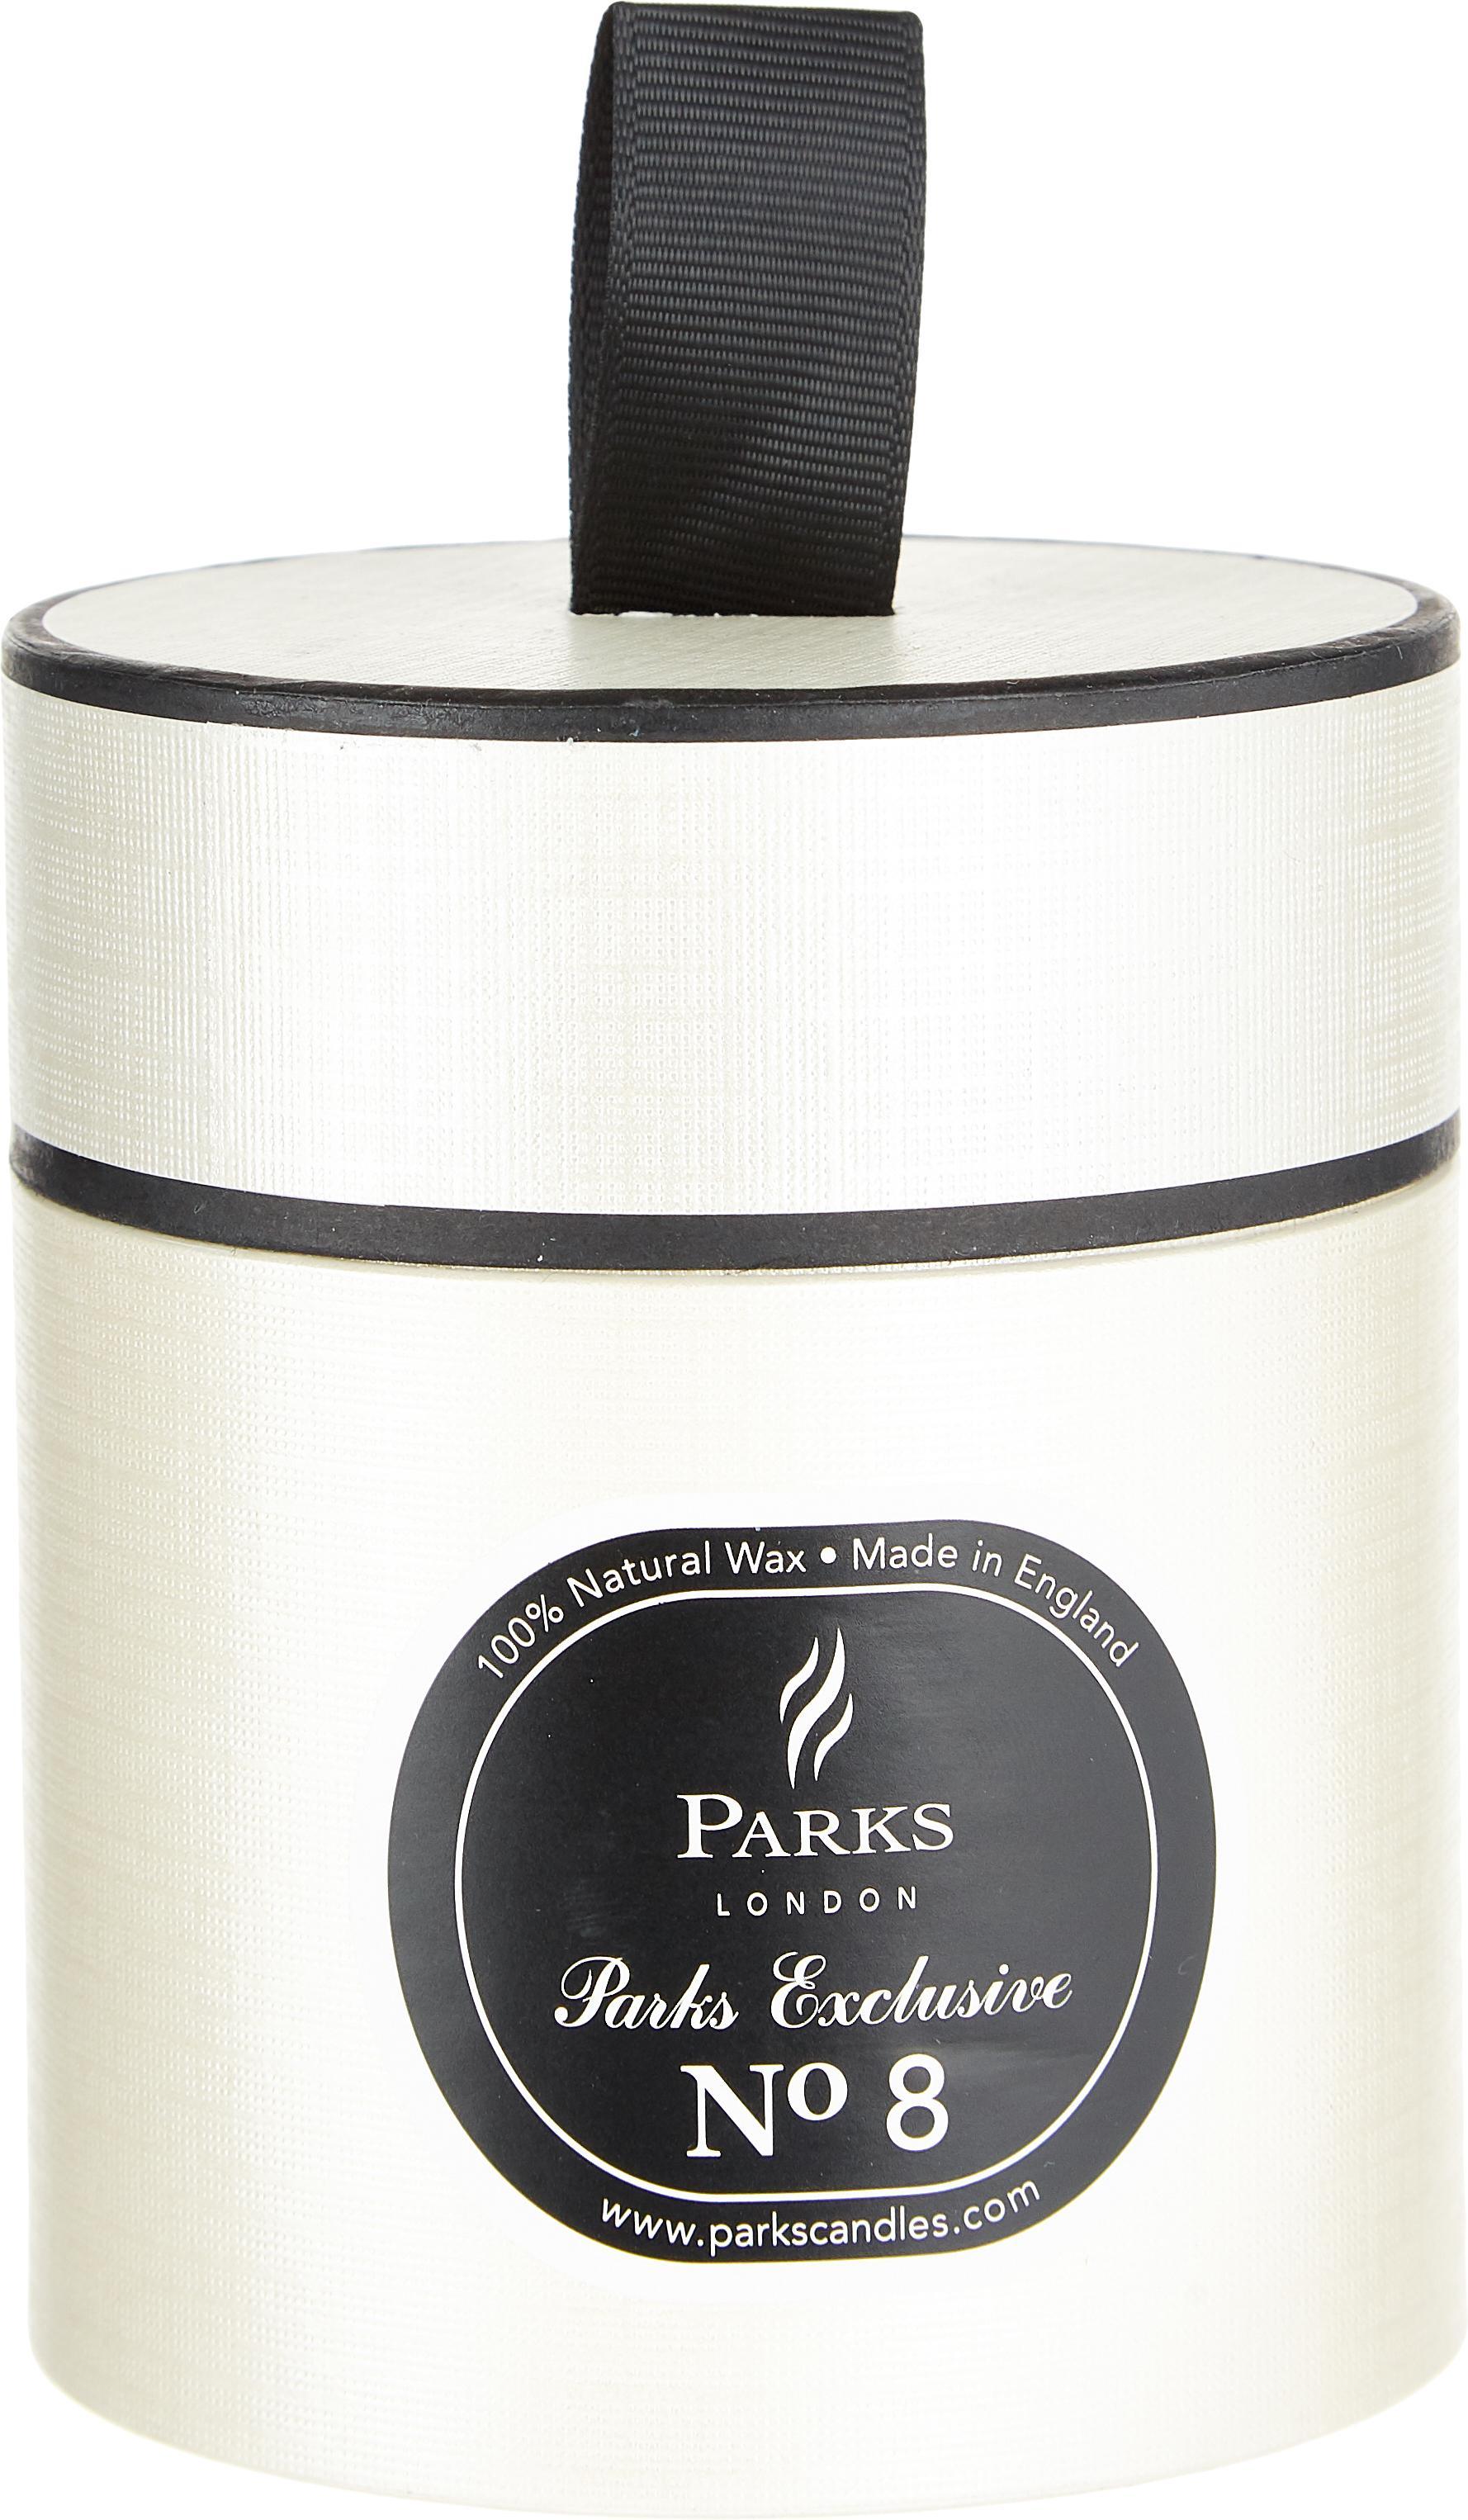 Vela perfumada Exclusive No 8 (fogata), Recipiente: vidrio lechoso, Blanco, negro, Ø 8 x Al 9 cm